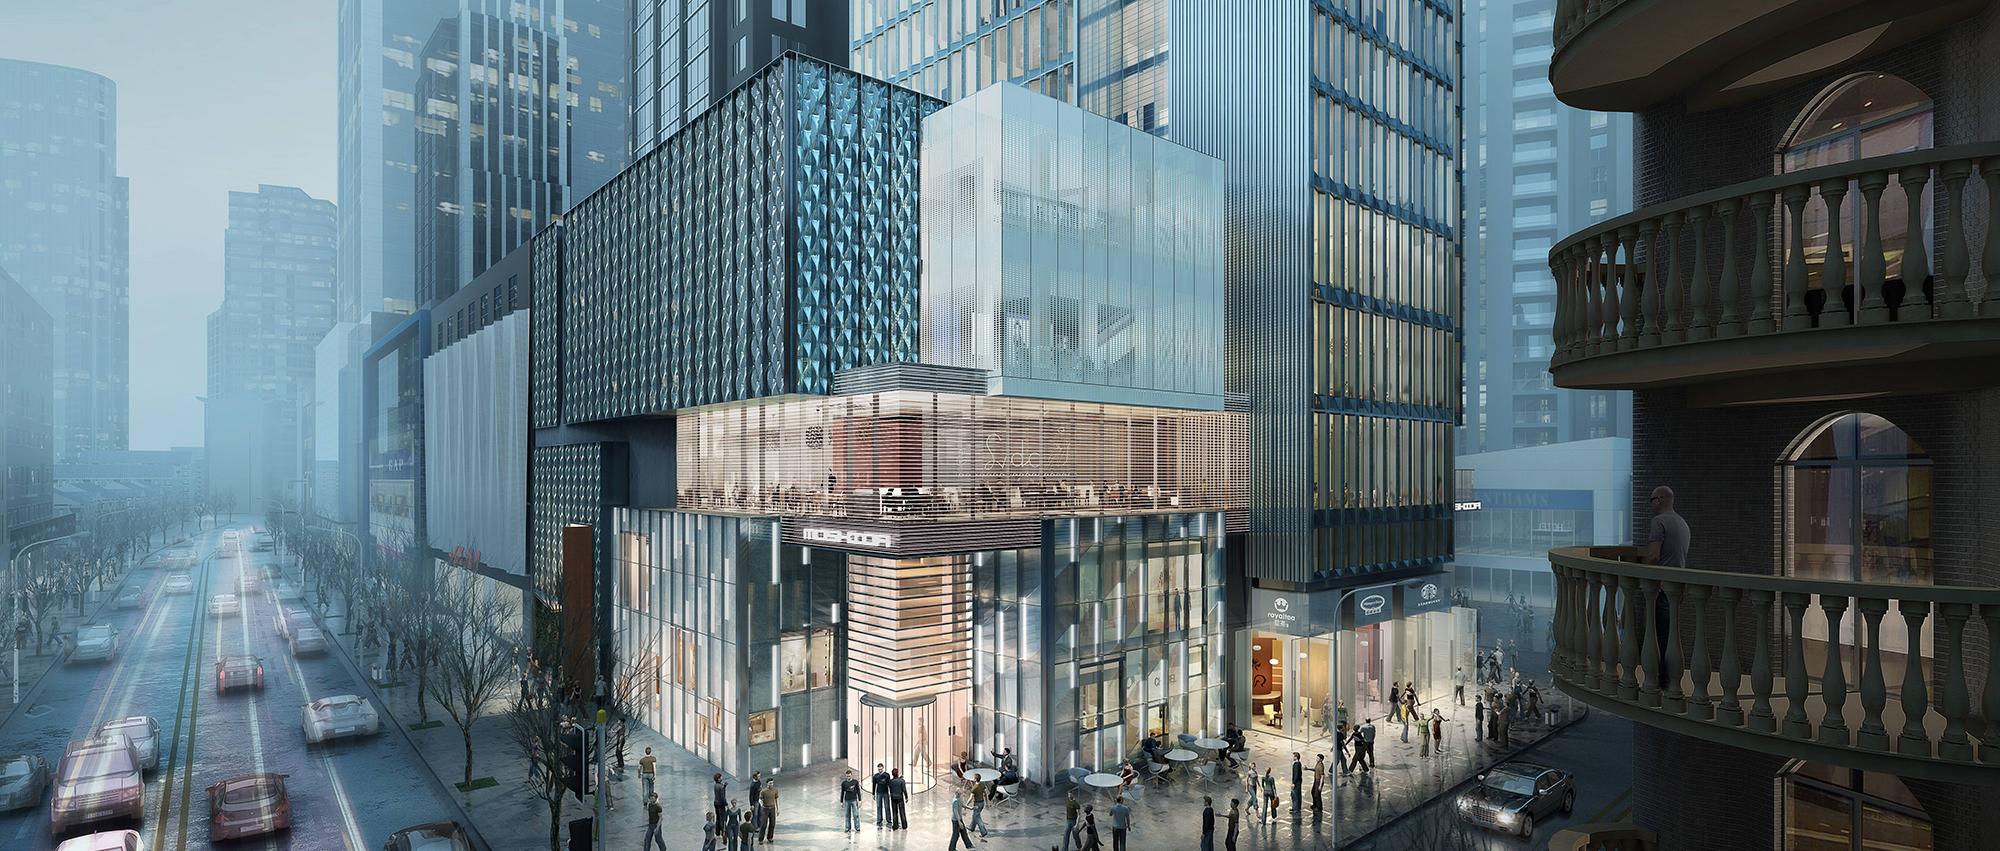 城市核心商业区改造更新中的微型城市综合体:摩士达商厦